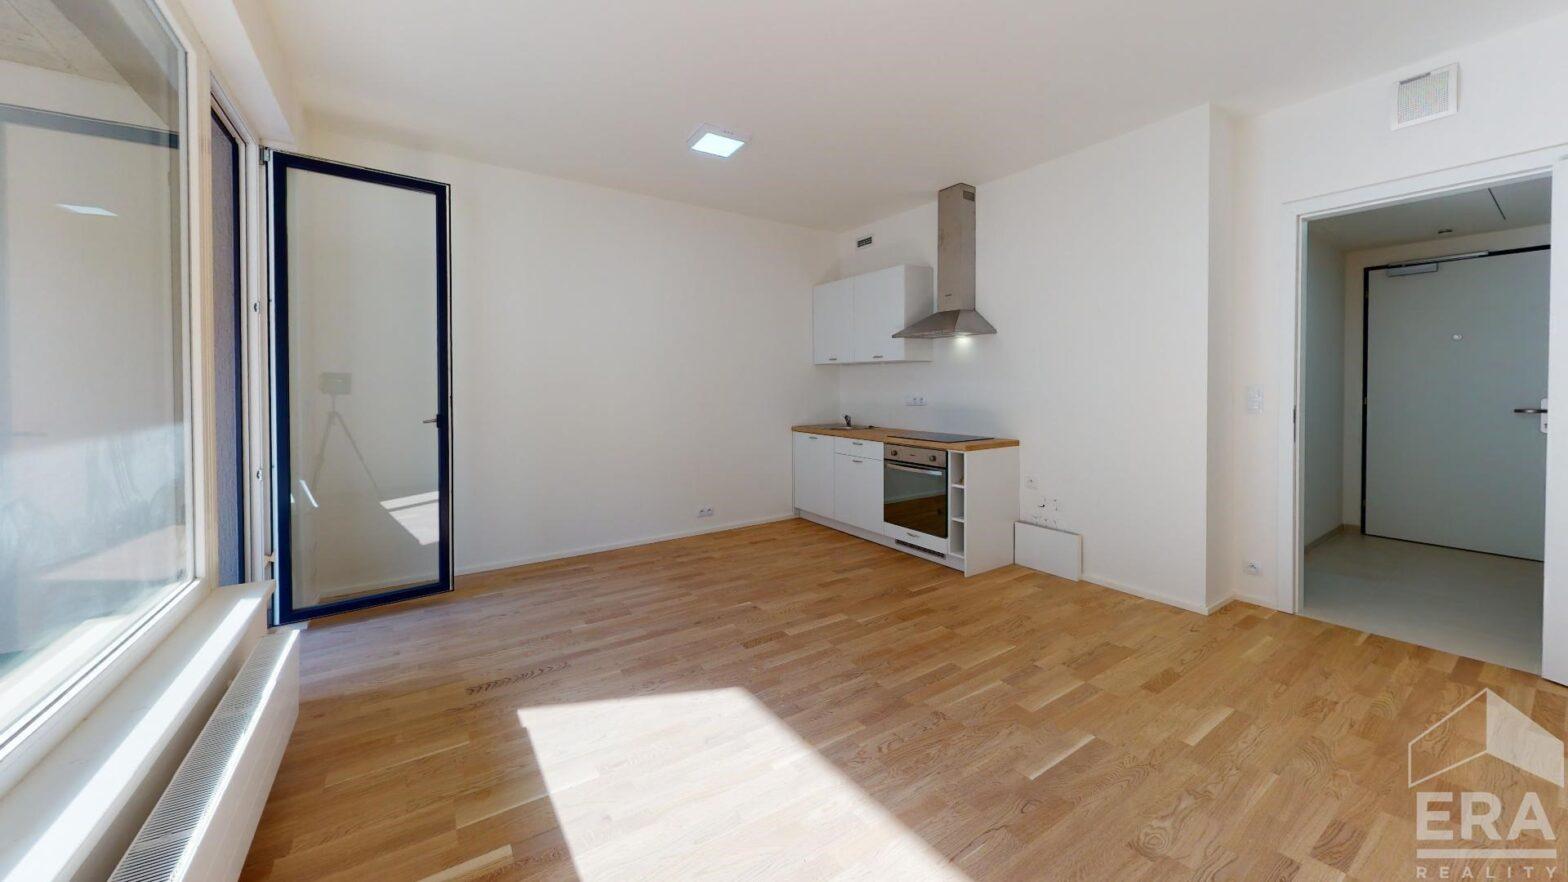 Pronájem bytu 3+kk, 87 m2, ul. Nuselská 53, Praha 4 – Nusle